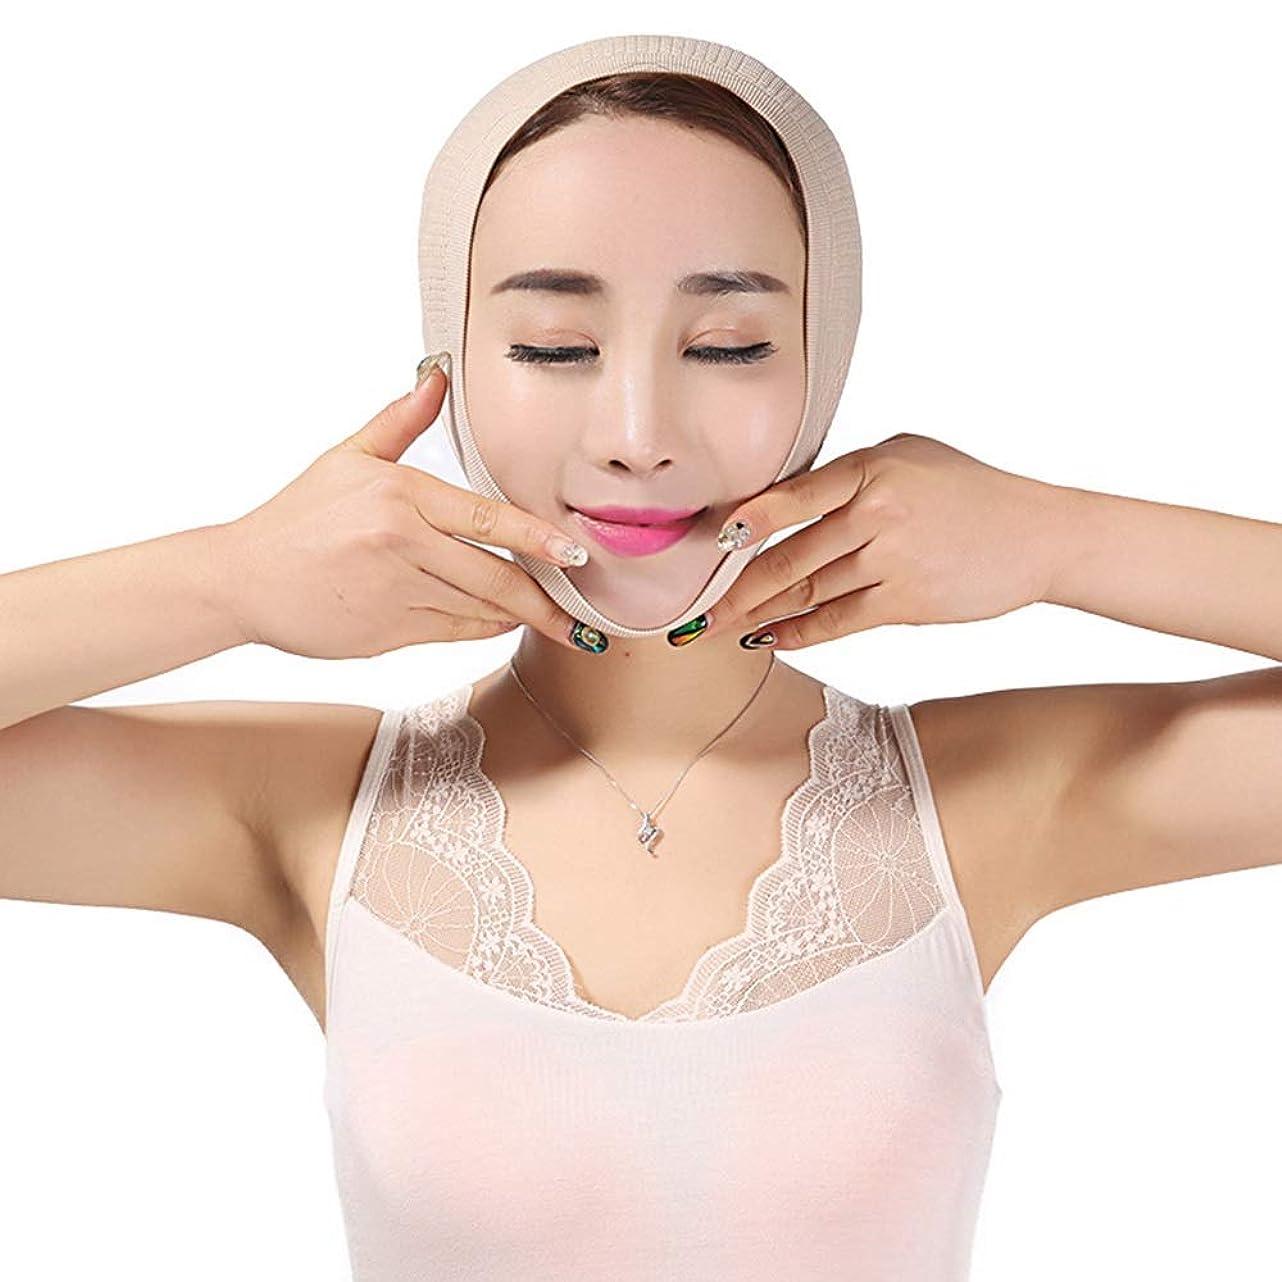 引き出しマウスピースタンザニアGYZ フェイシャルリフティングスリミングベルト-Vフェイスバンデージマスクフェイシャルマッサージアンチエイジングリンクルダブルチンワークアウト Thin Face Belt